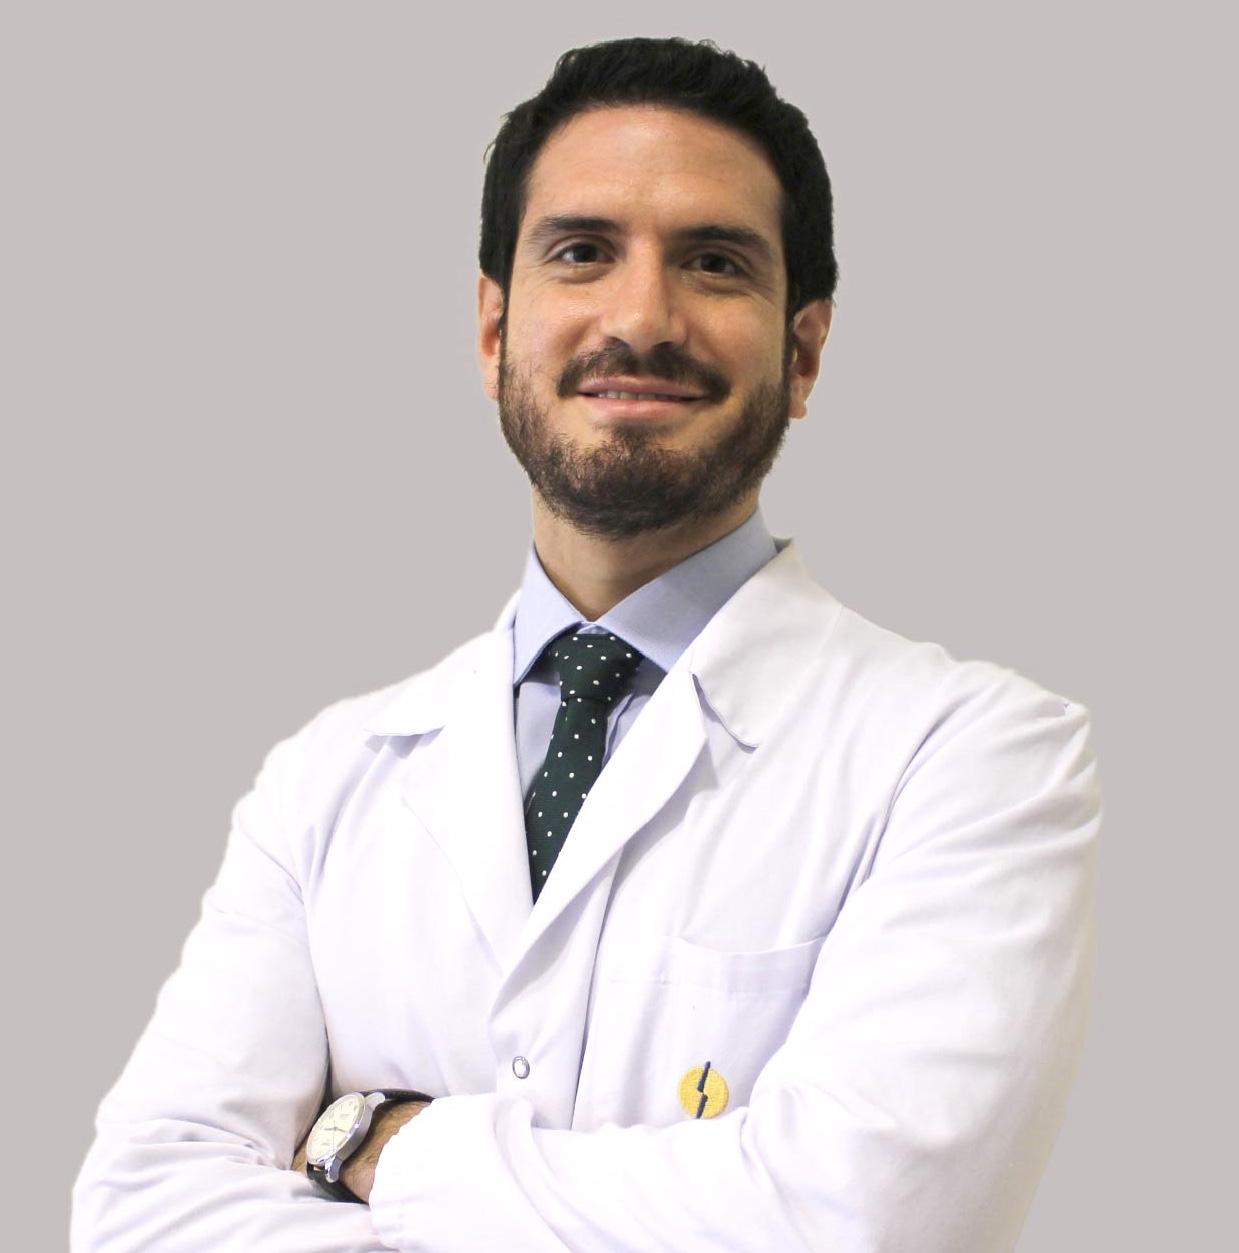 Dr. Diego M. Carrión Monsalve